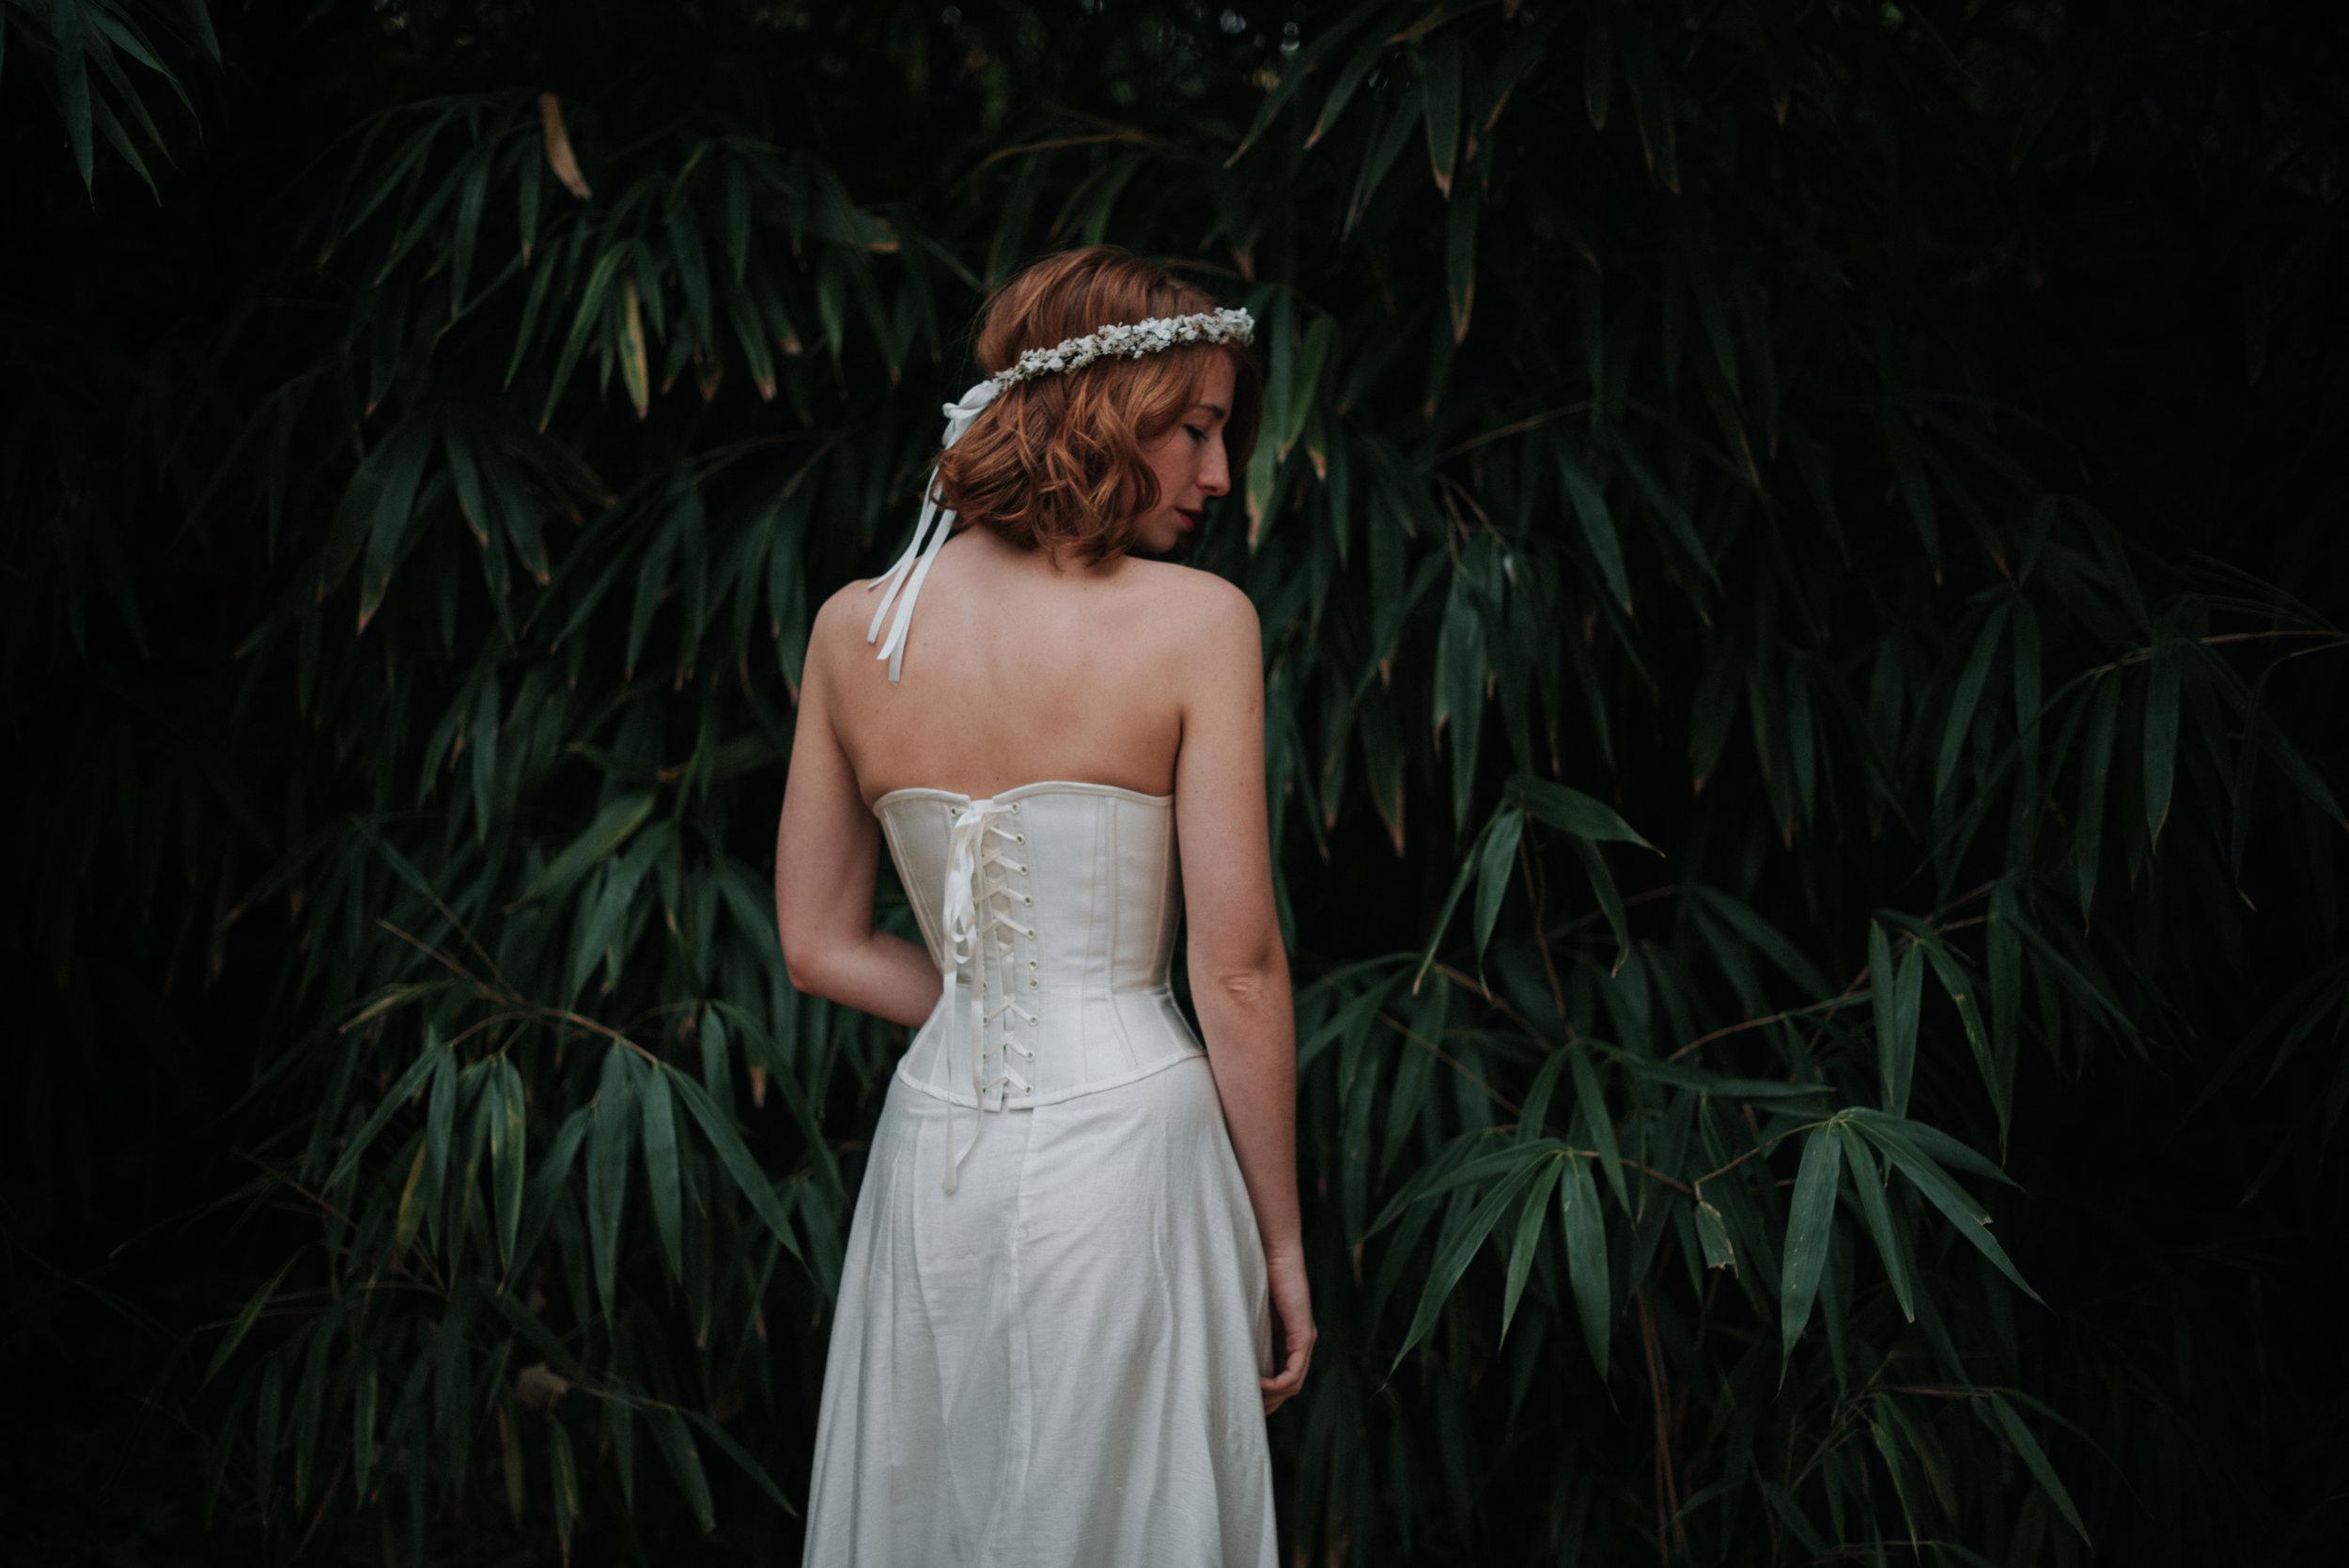 Léa-Fery-photographe-professionnel-lyon-rhone-alpes-portrait-creation-mariage-evenement-evenementiel-famille-6139.jpg